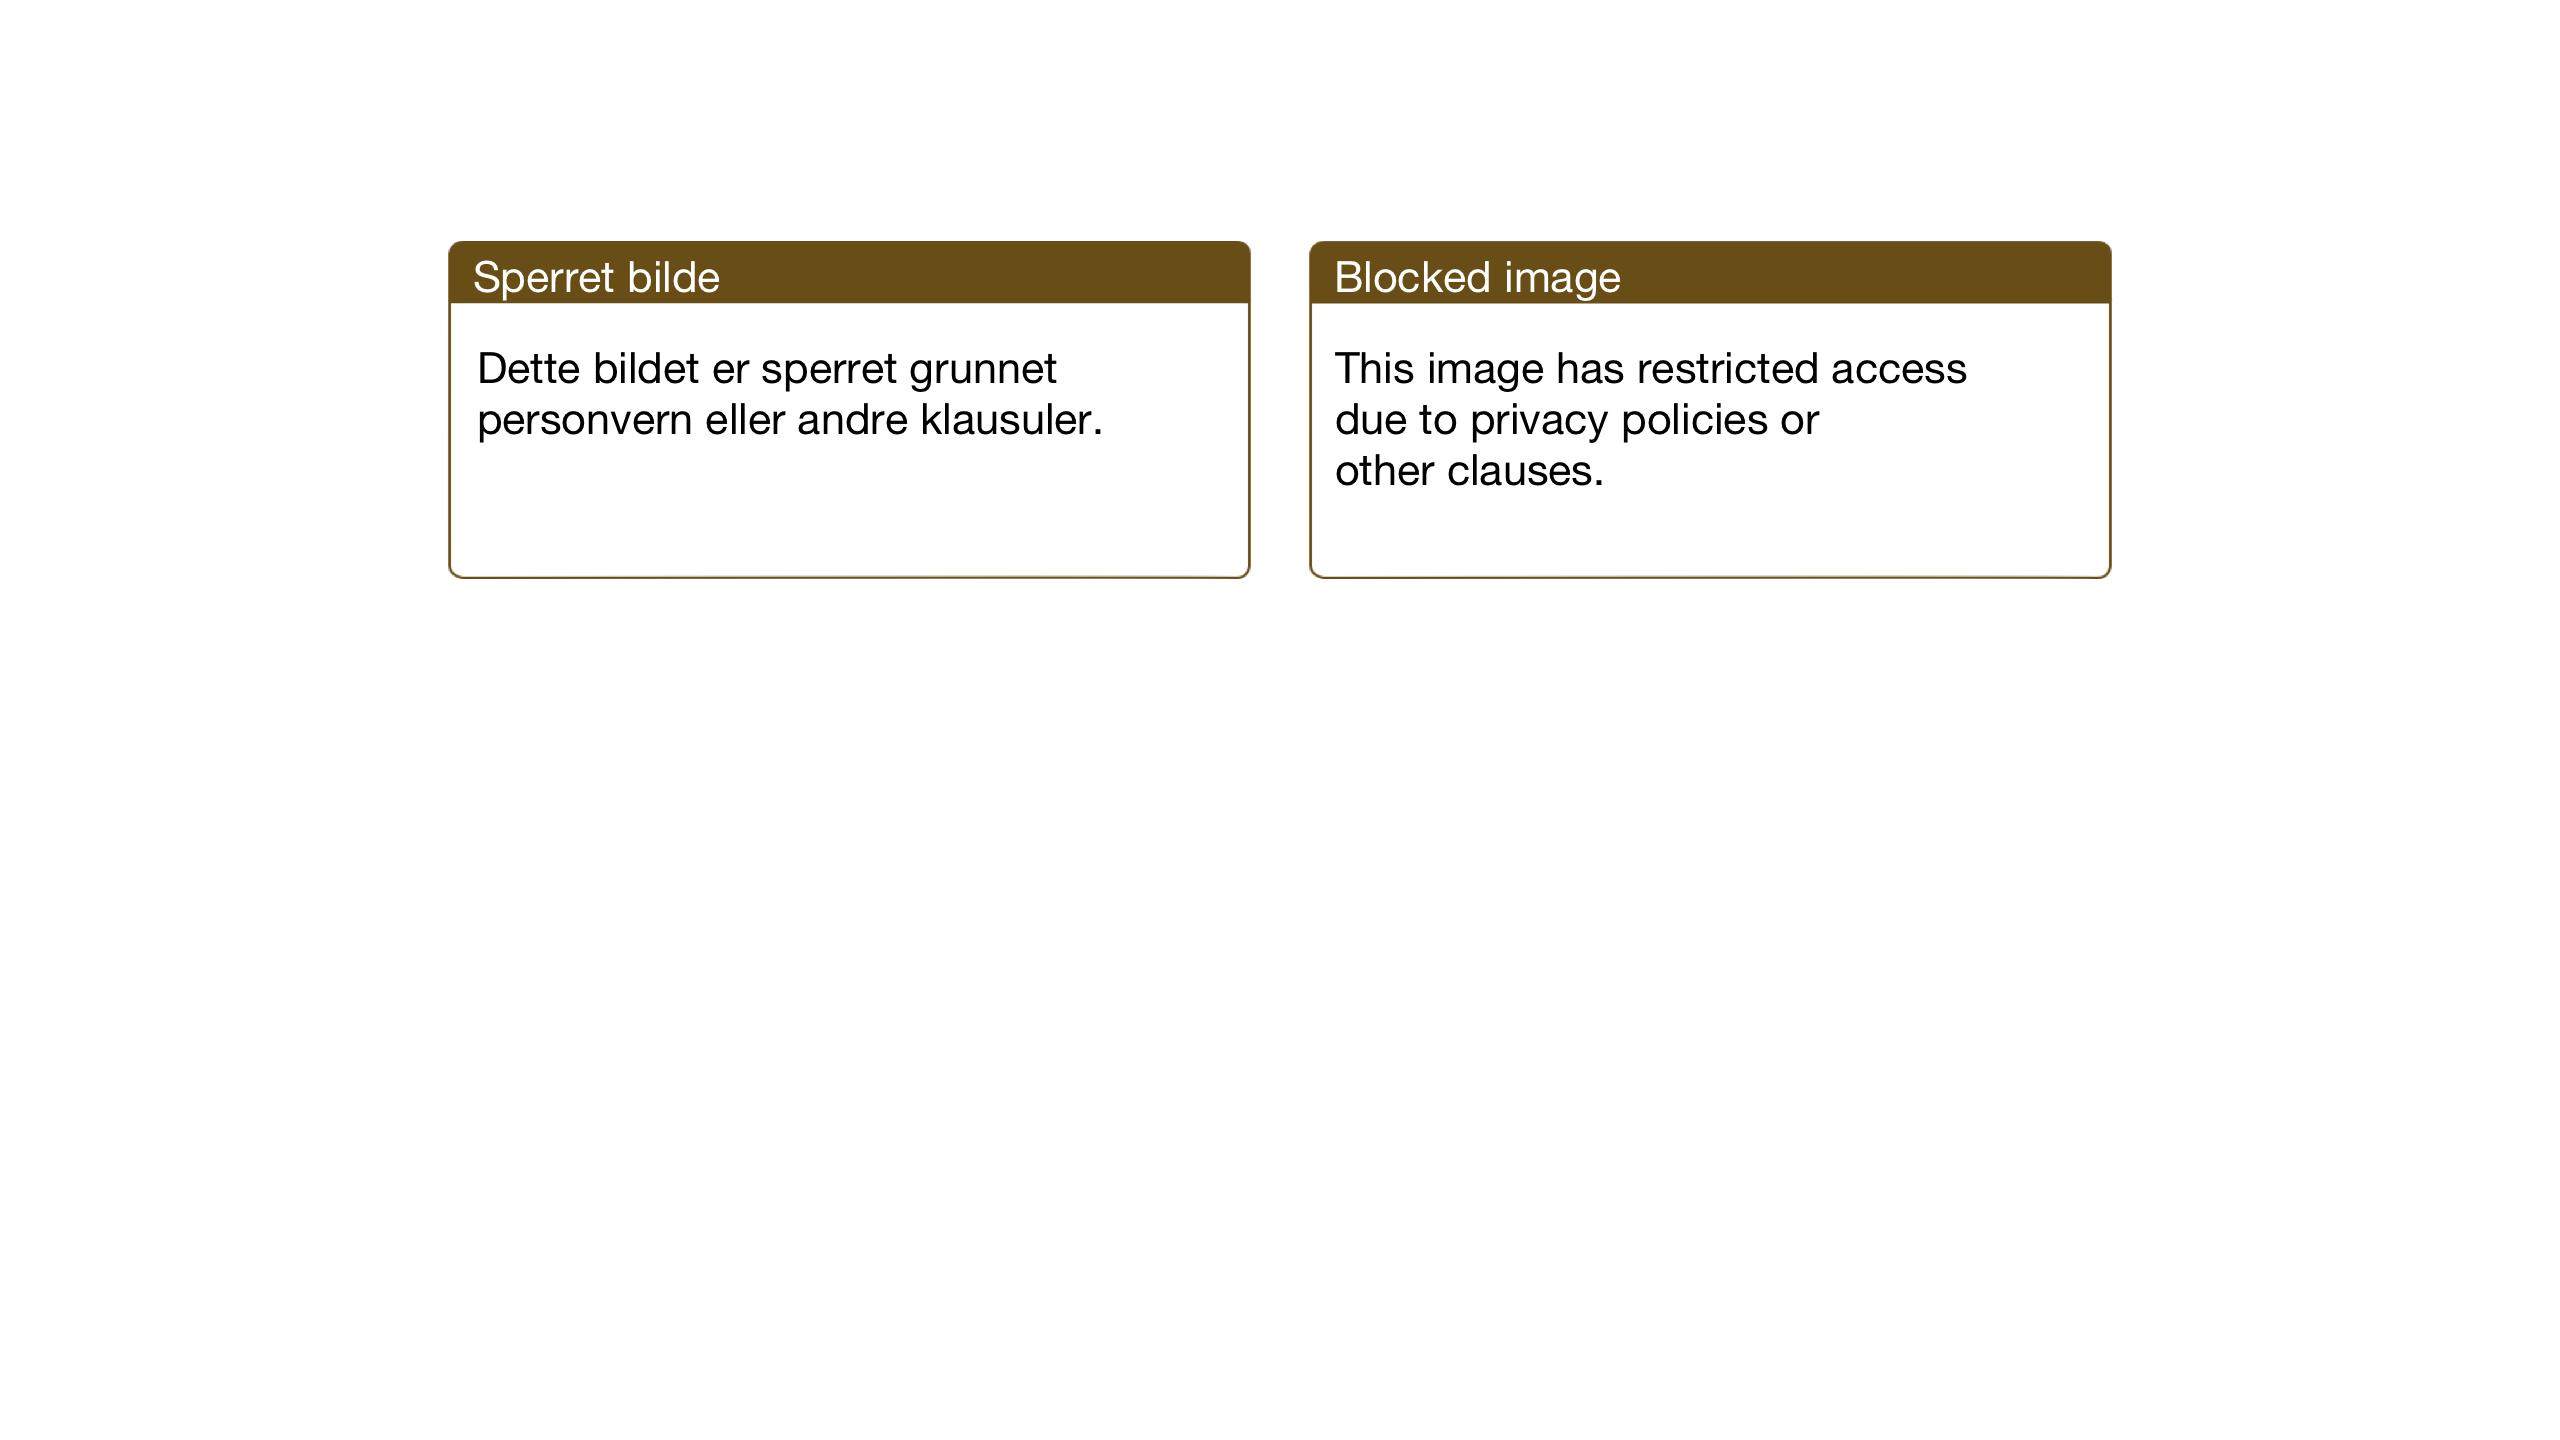 SAT, Ministerialprotokoller, klokkerbøker og fødselsregistre - Sør-Trøndelag, 621/L0462: Klokkerbok nr. 621C05, 1915-1945, s. 36